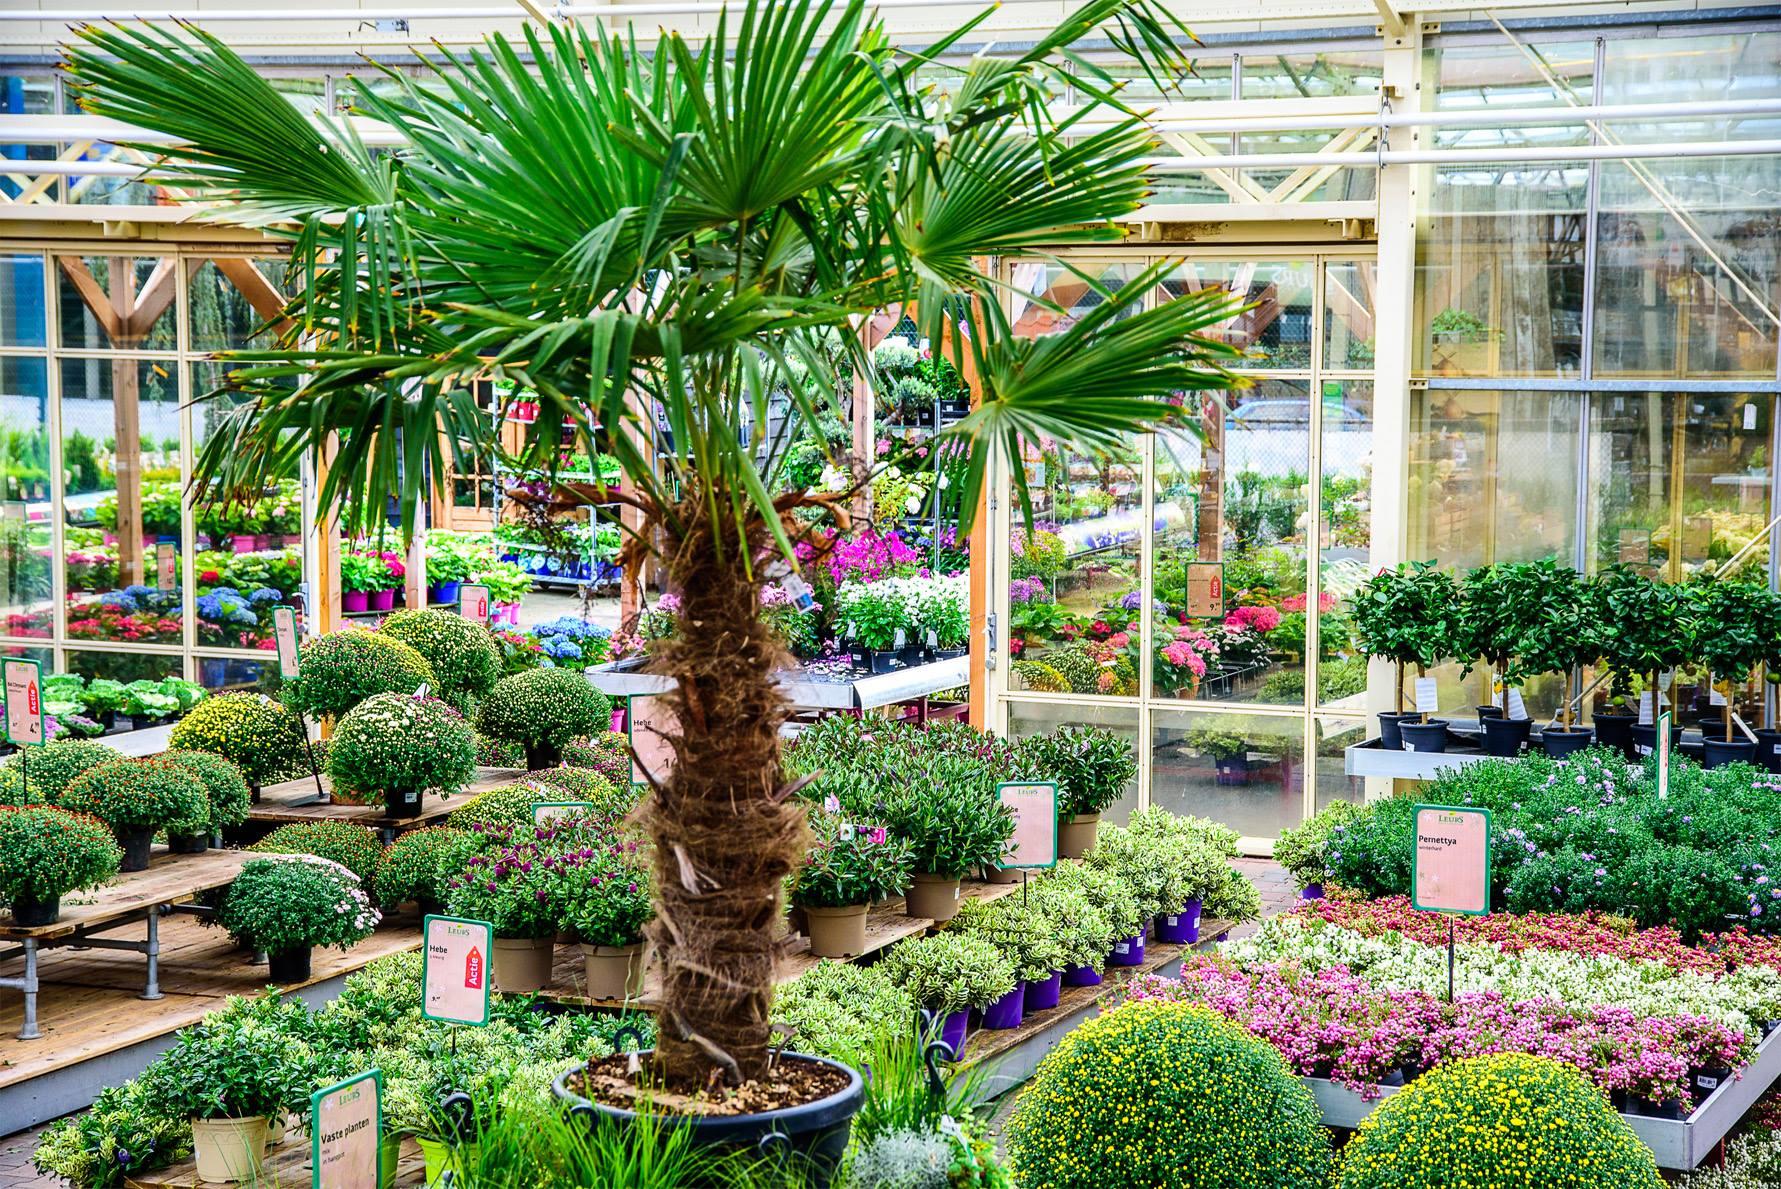 Mooie tuinplanten kopen in Venlo